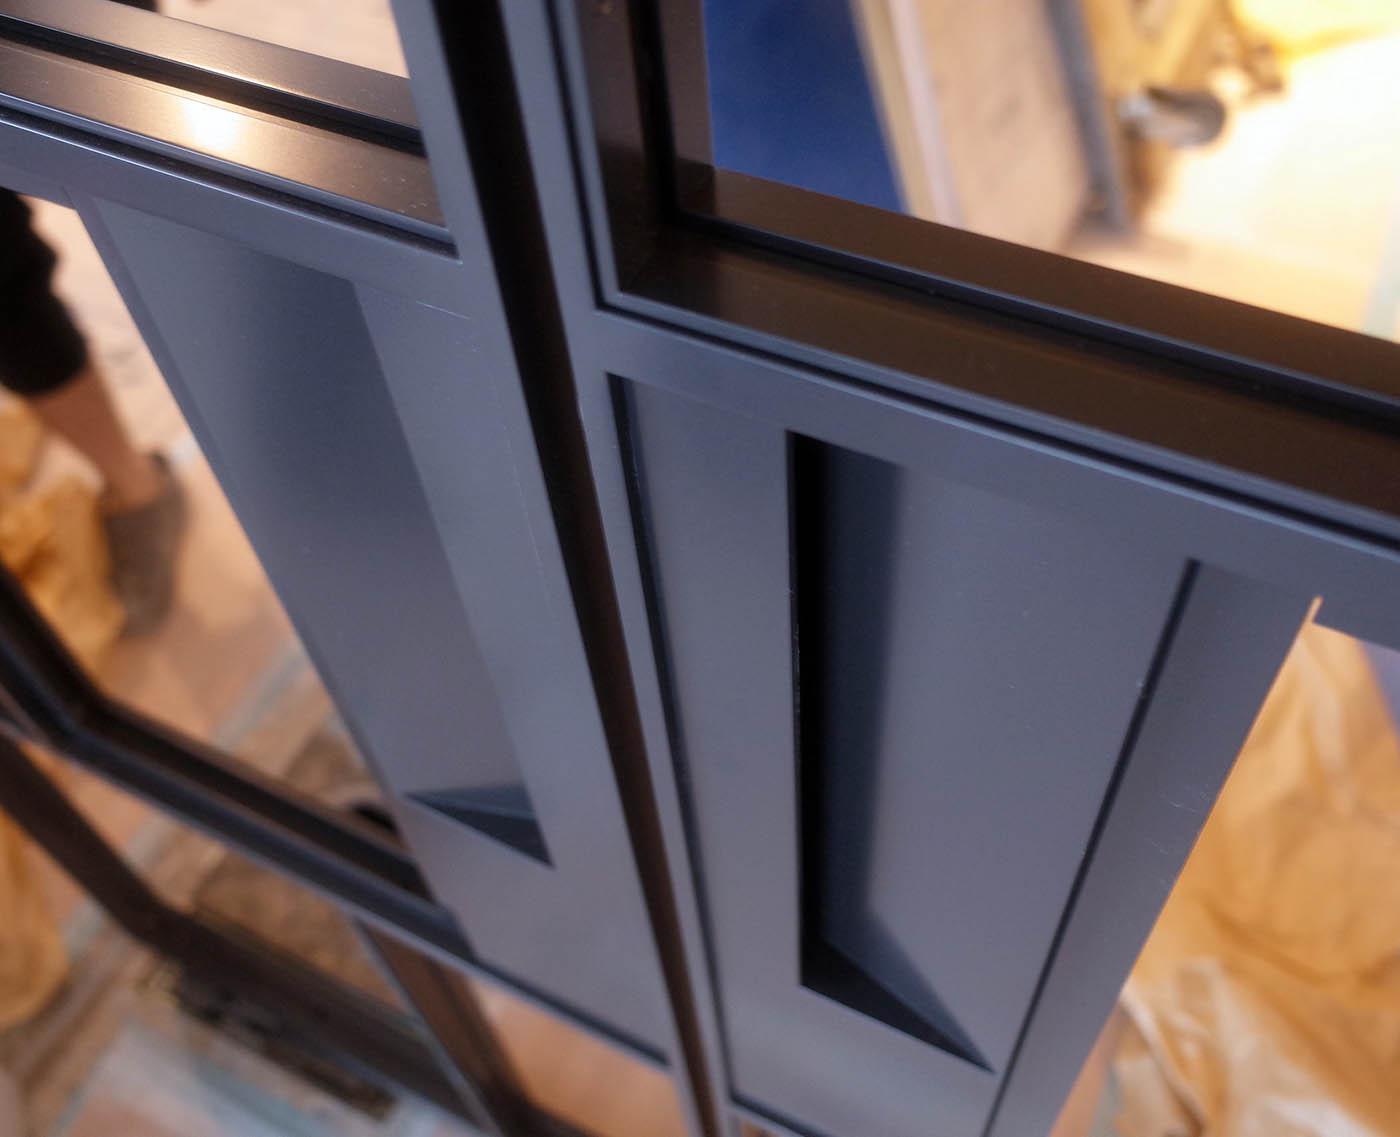 鋼製建具の特注取っ手